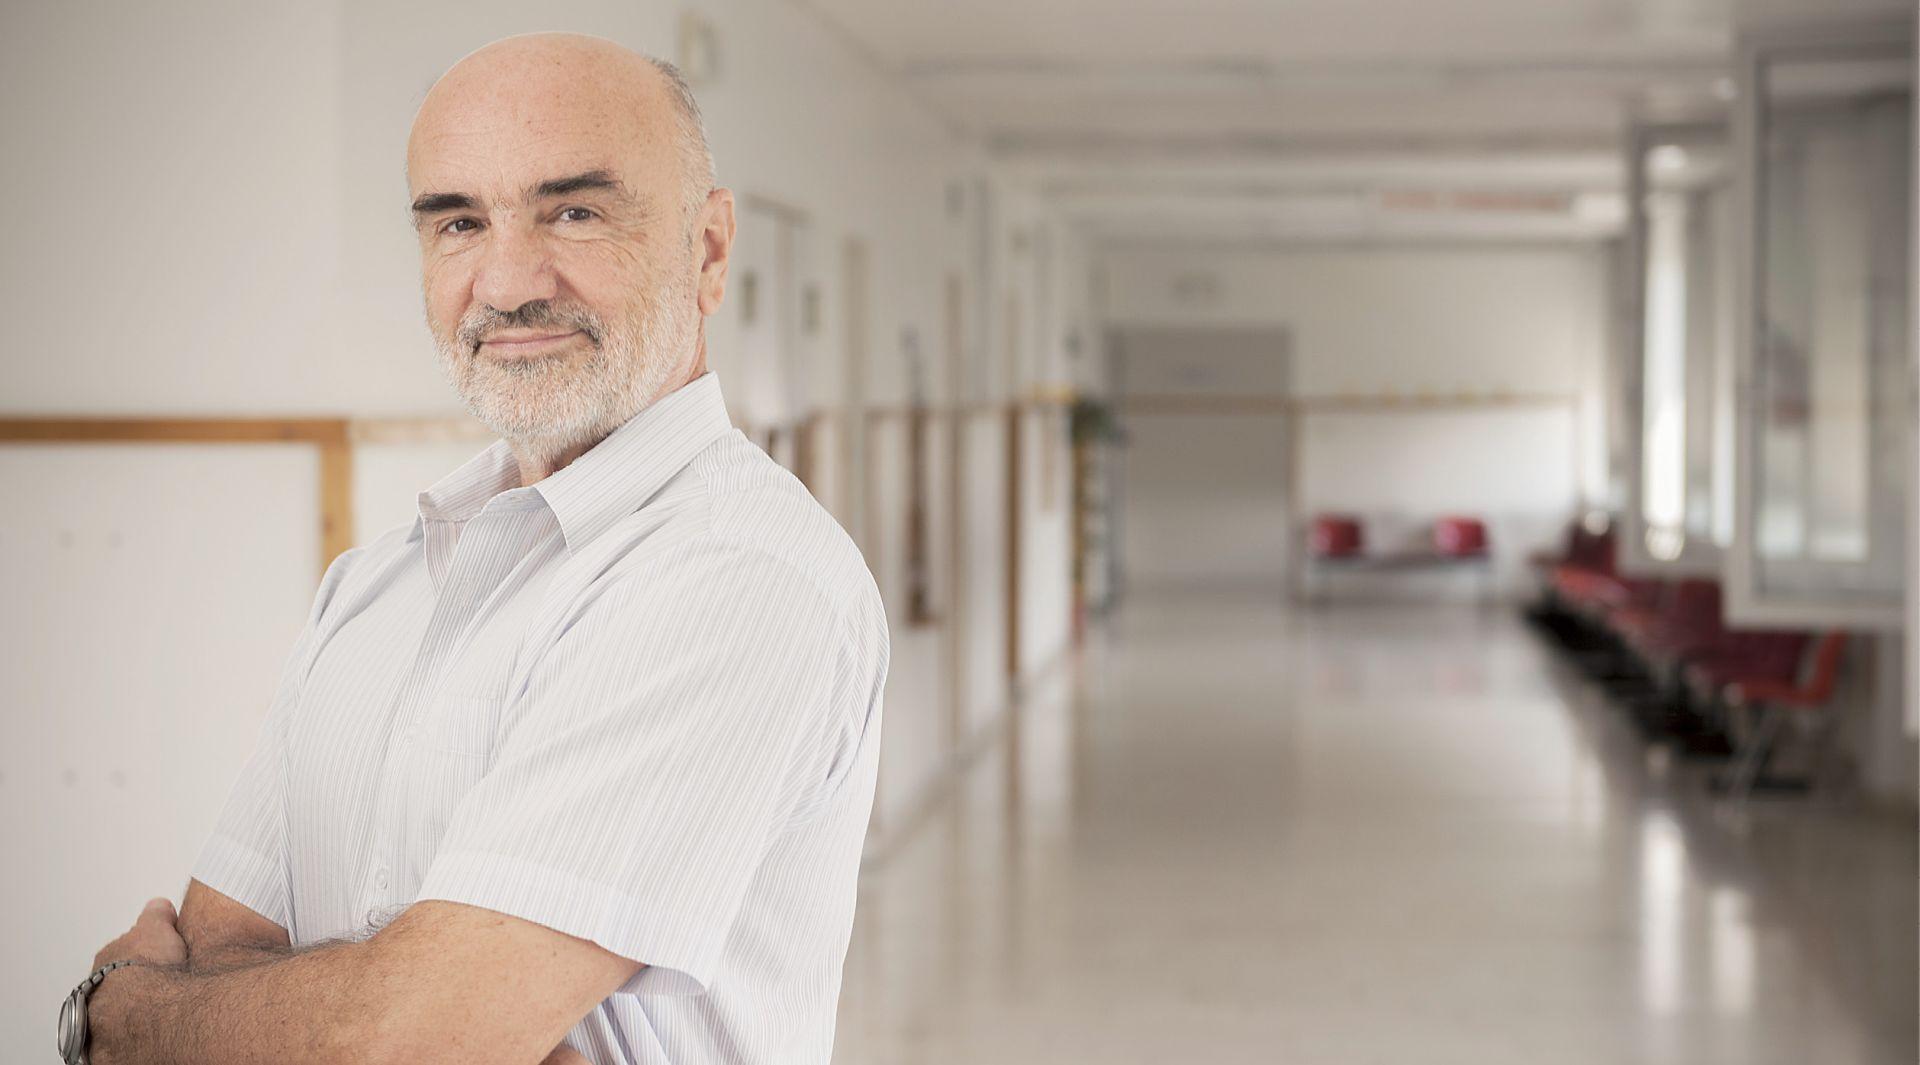 """INTERVIEW: JADRAN MOROVIĆ """"Nestručni psihoterapeuti mogu ugroziti život pacijenta'"""